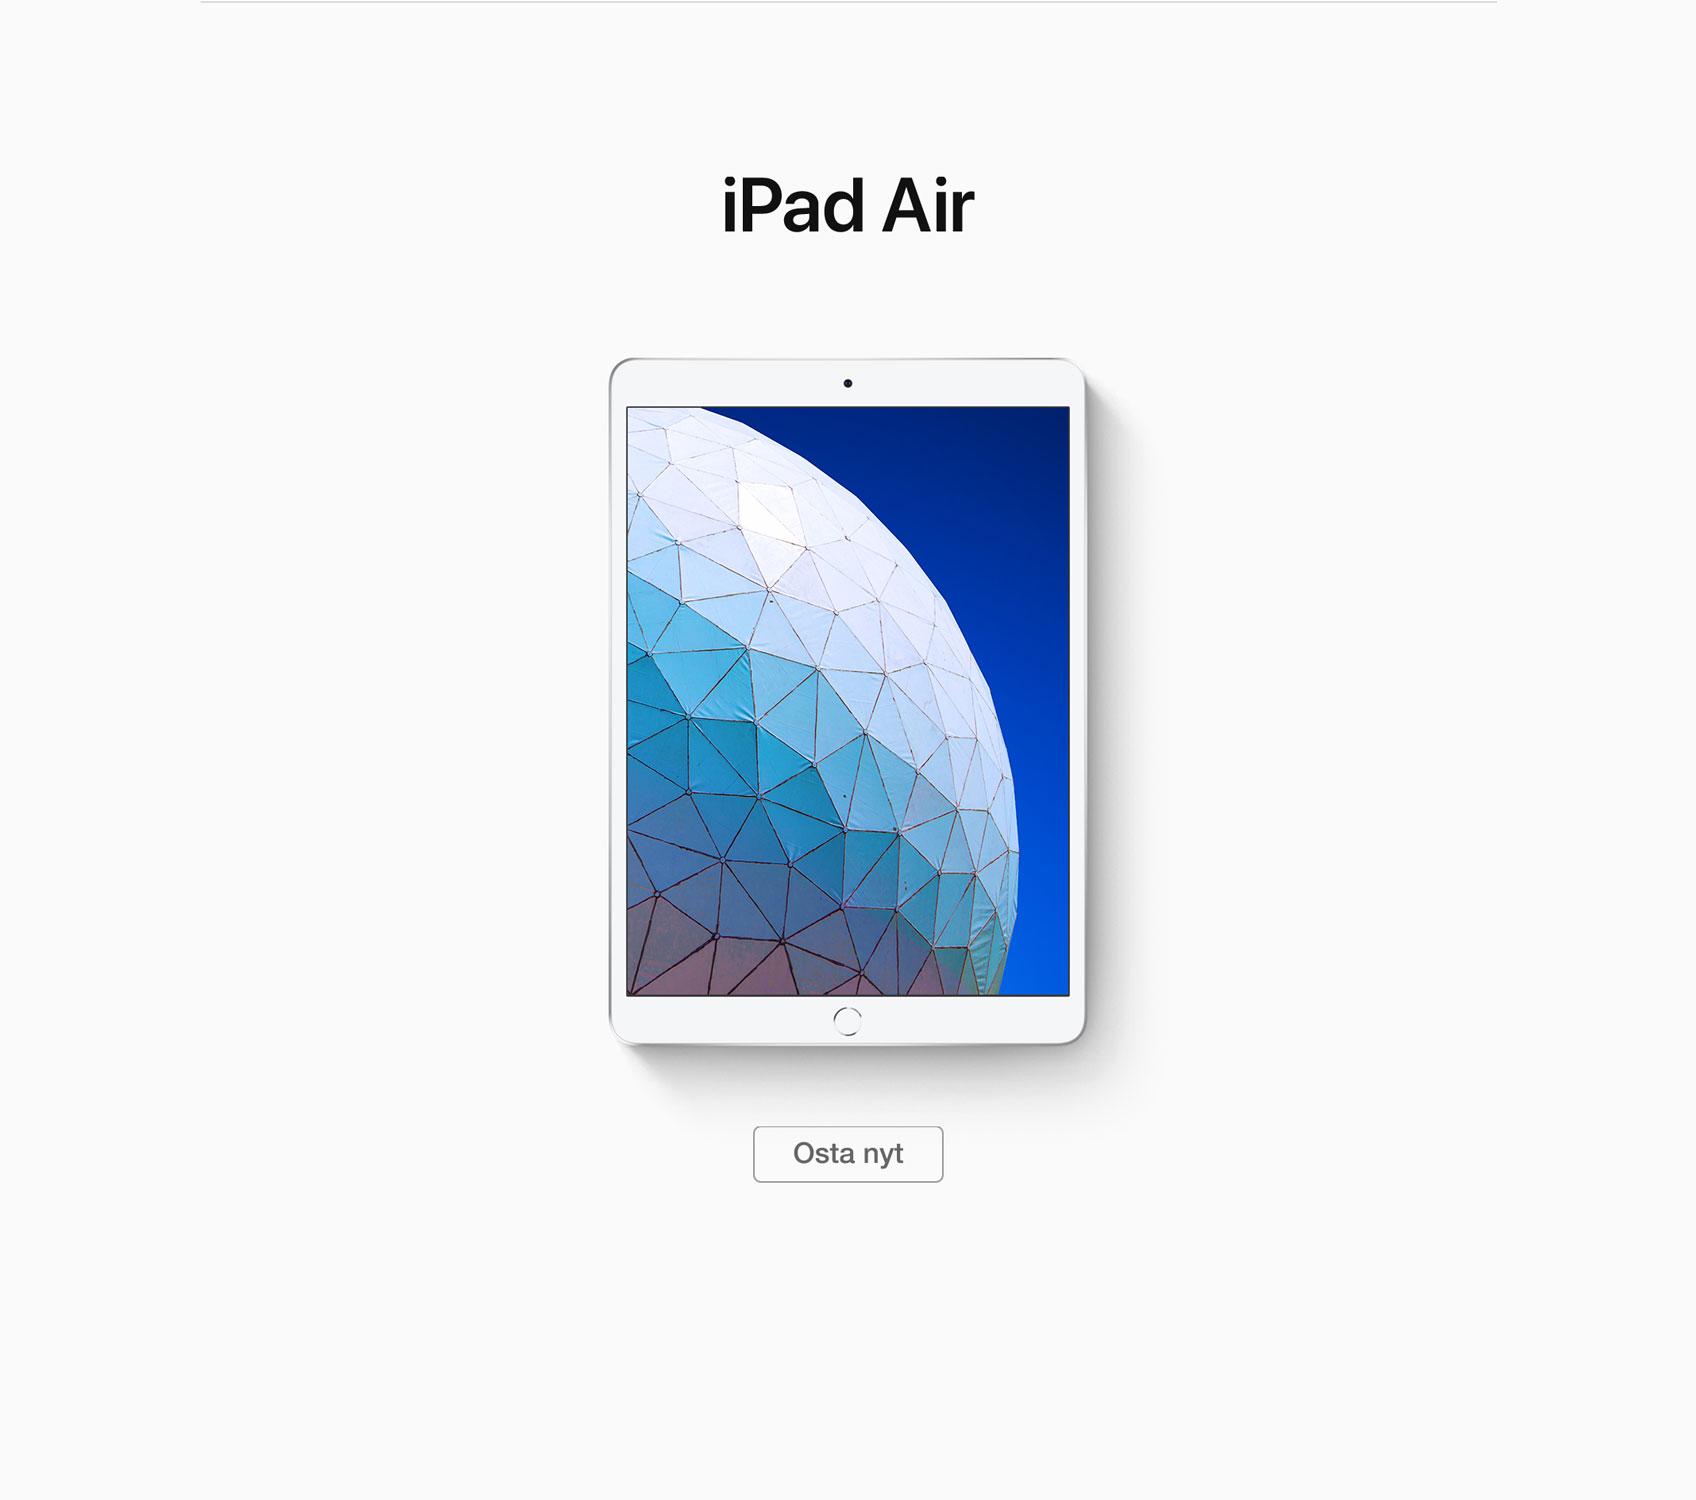 ipad_air_10-5_2019-8